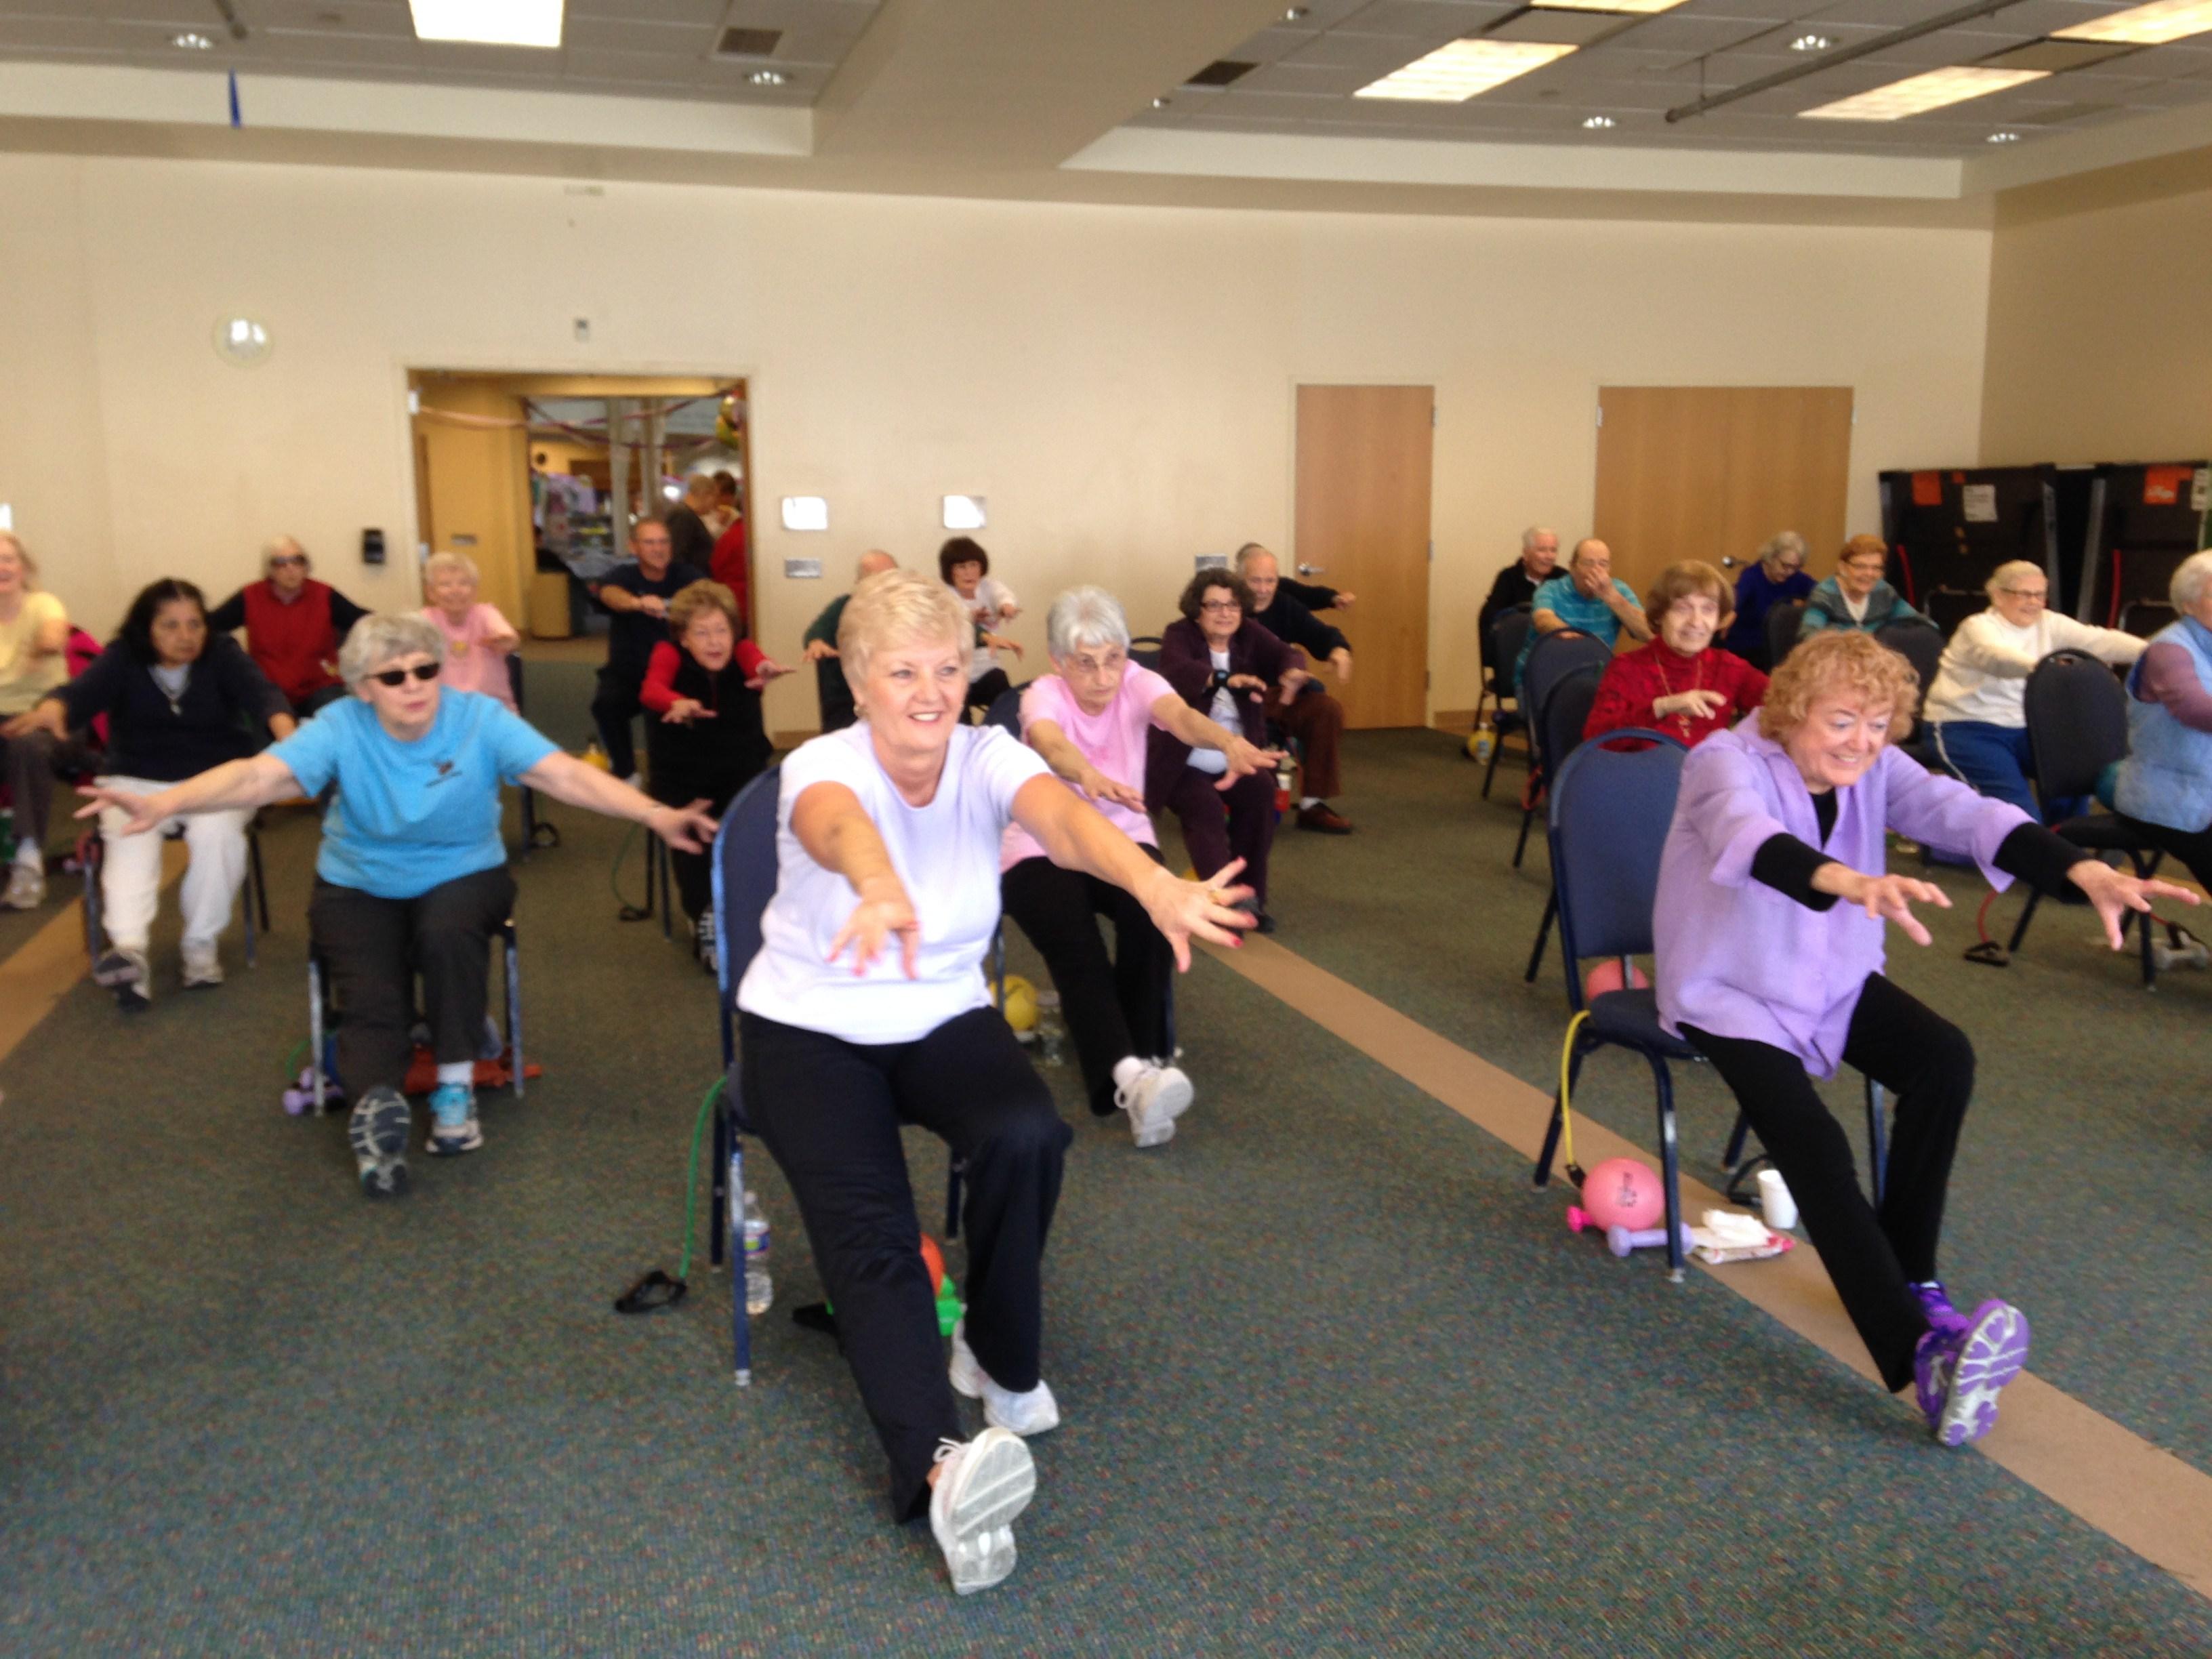 JCC senior fitness